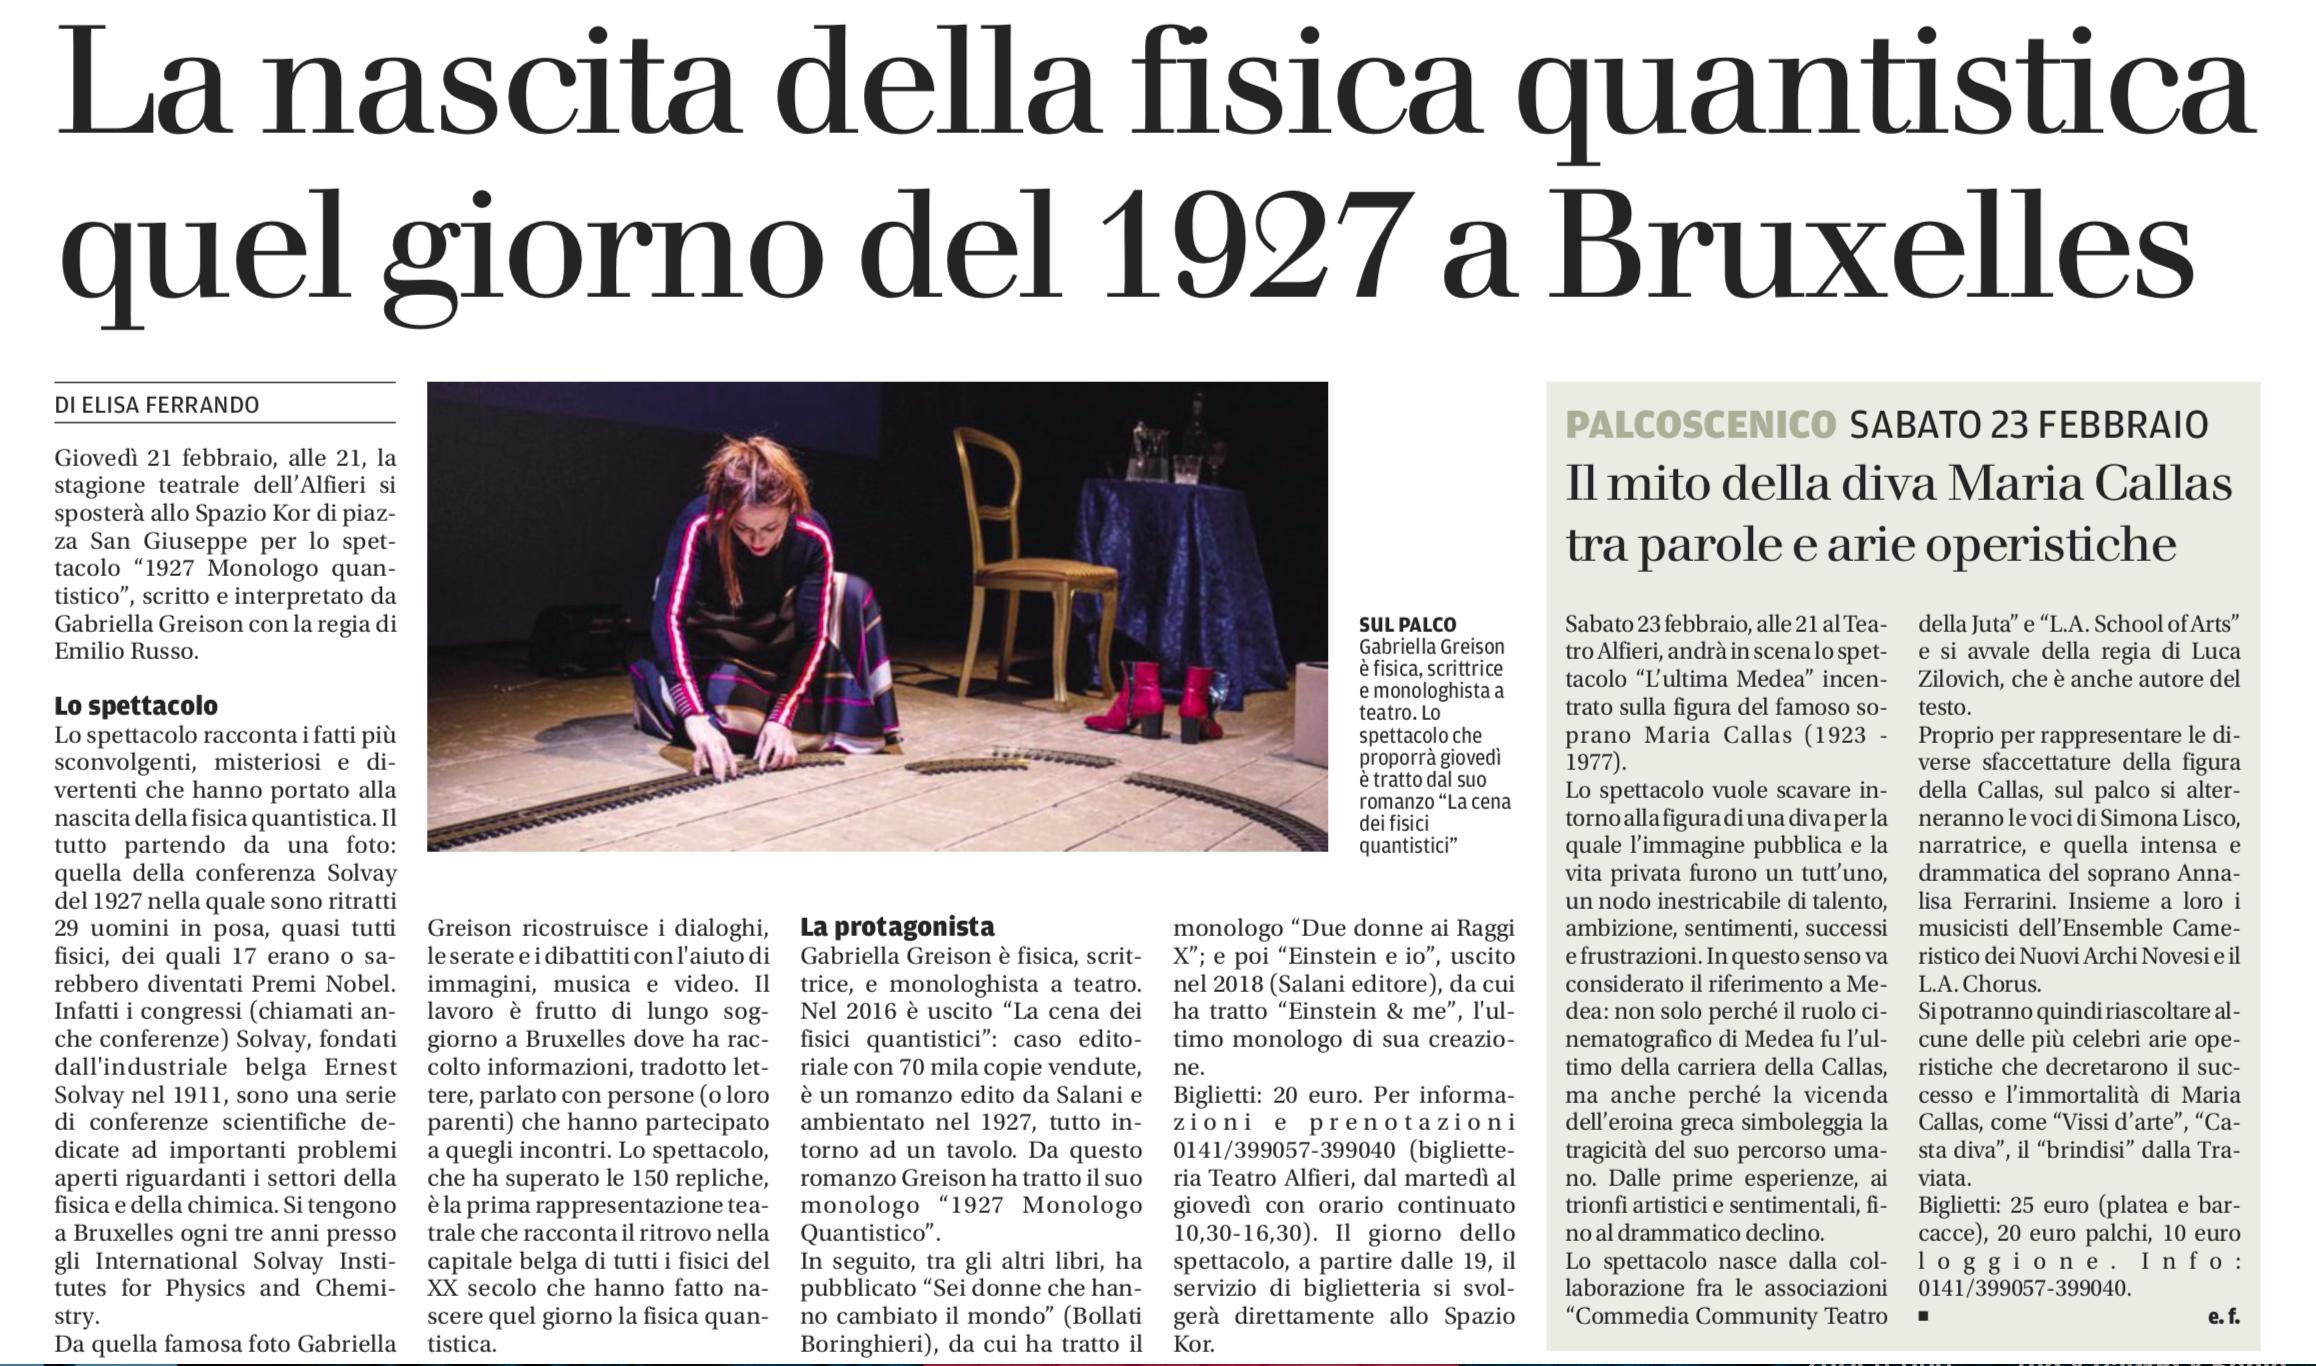 Ci vediamo giovedì ad Asti con MONOLOGO QUANTISTICO al teatro Alfieri ore 21!